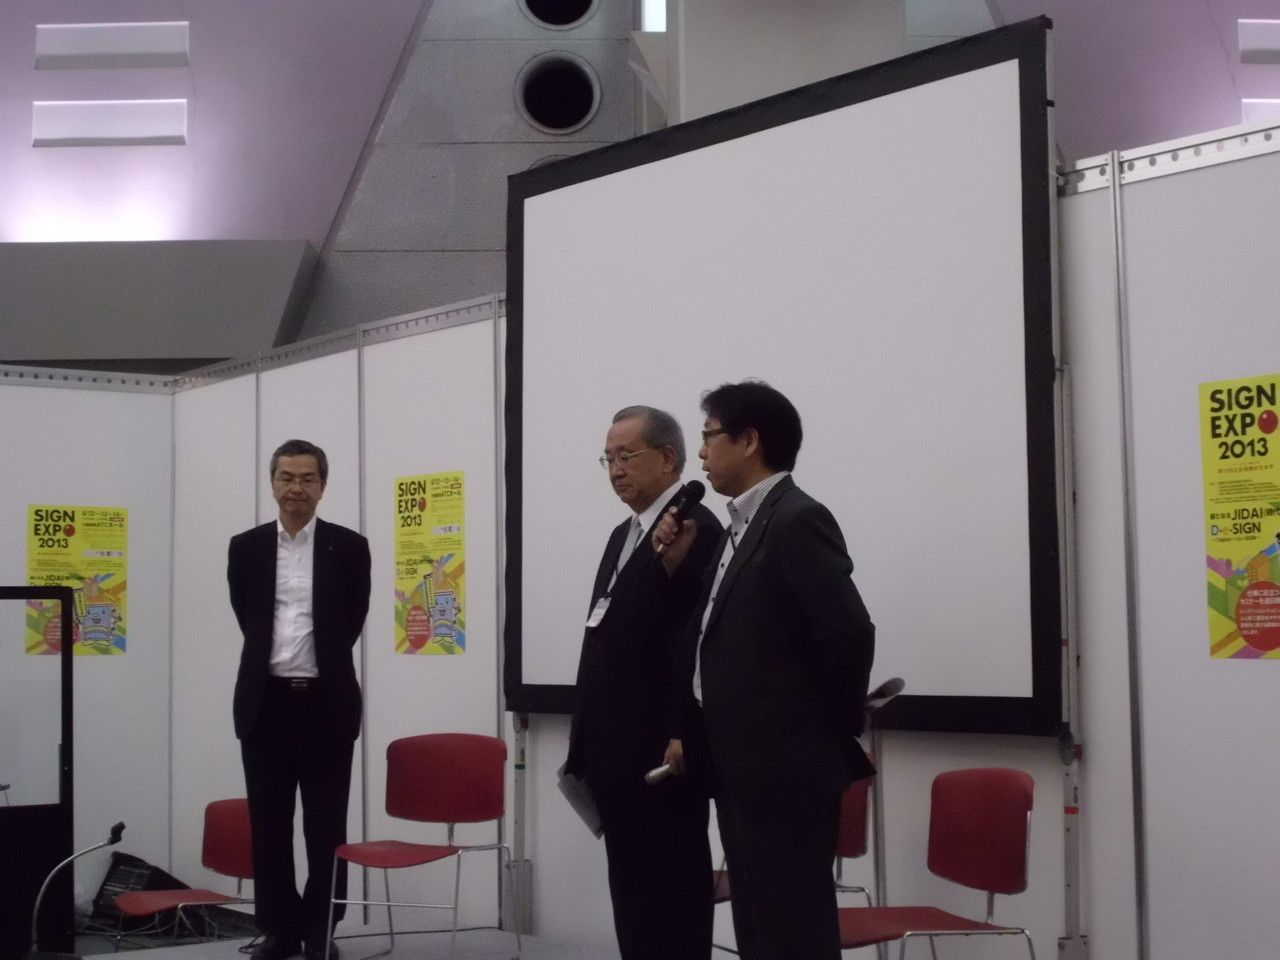 講演の後、近広連原田会長、児玉副会長によるトークも行いました。